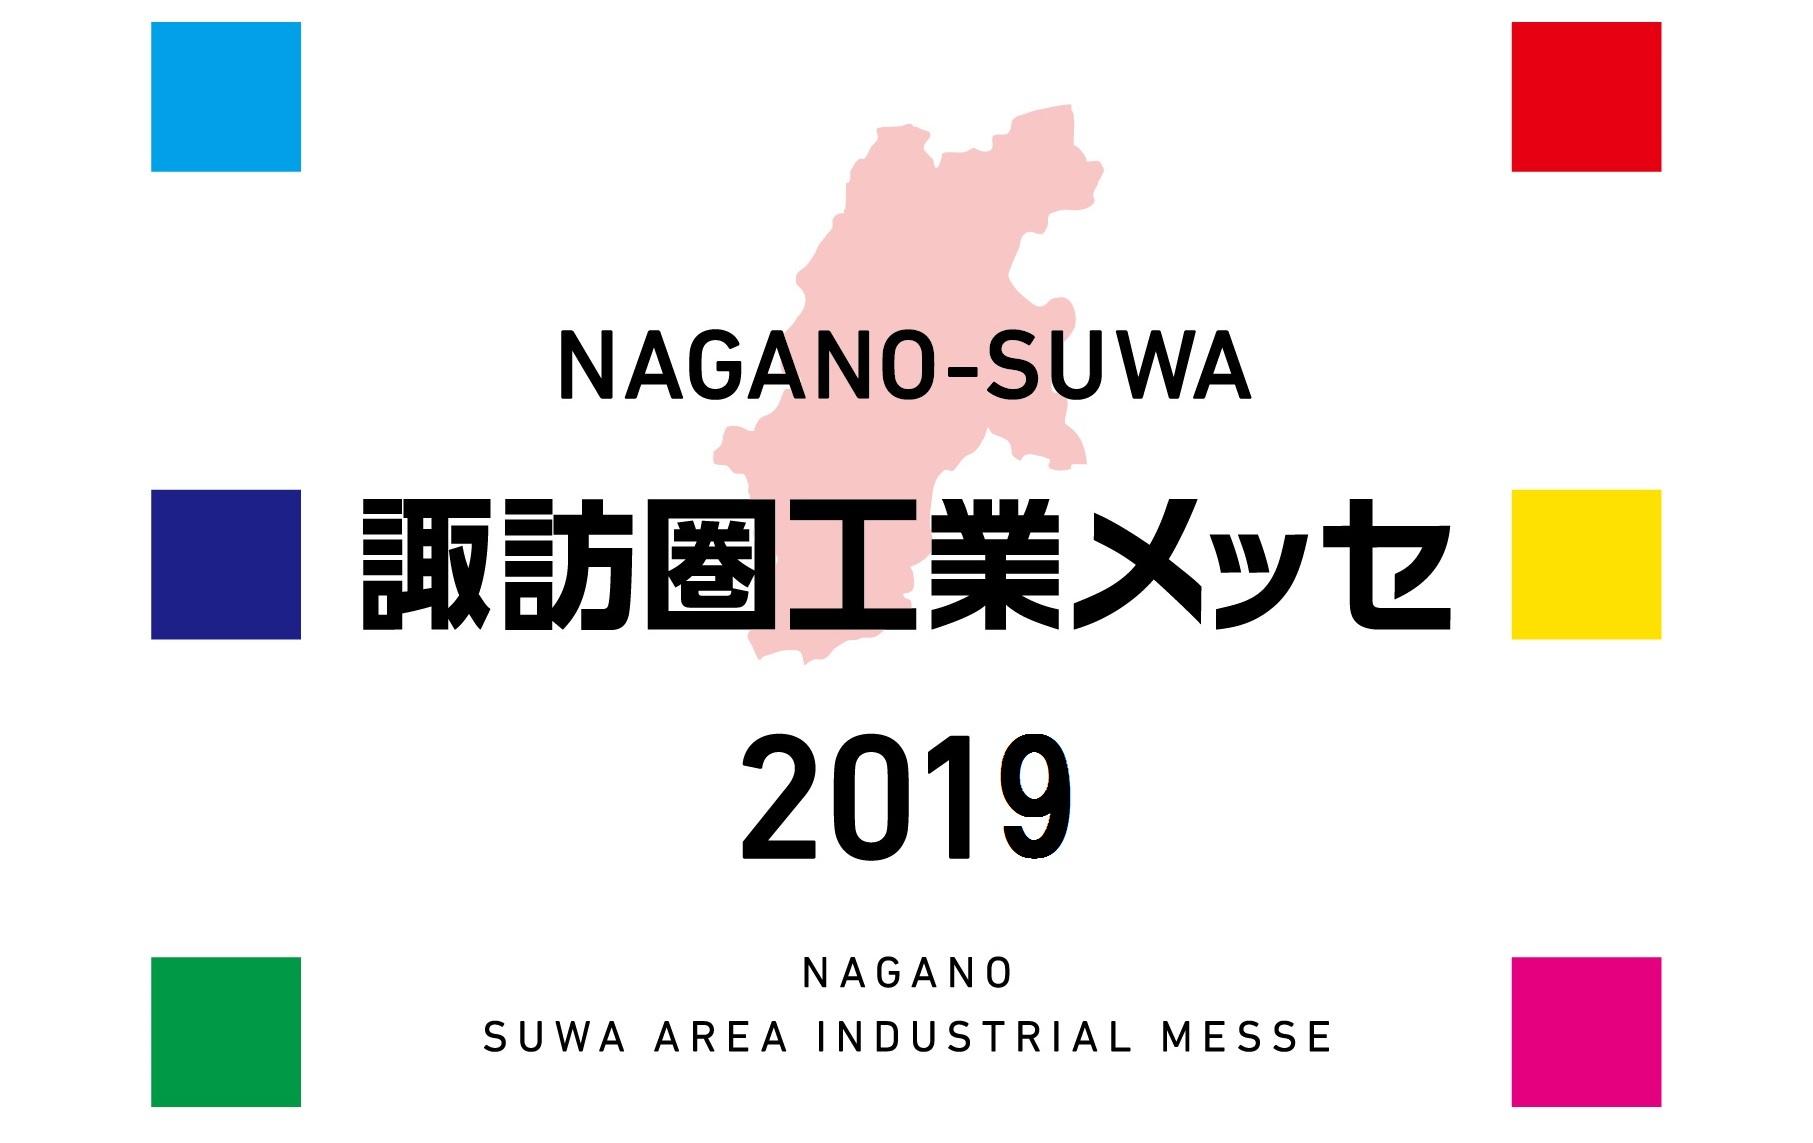 2019.10.17~19 諏訪圏工業メッセ2019に出展します